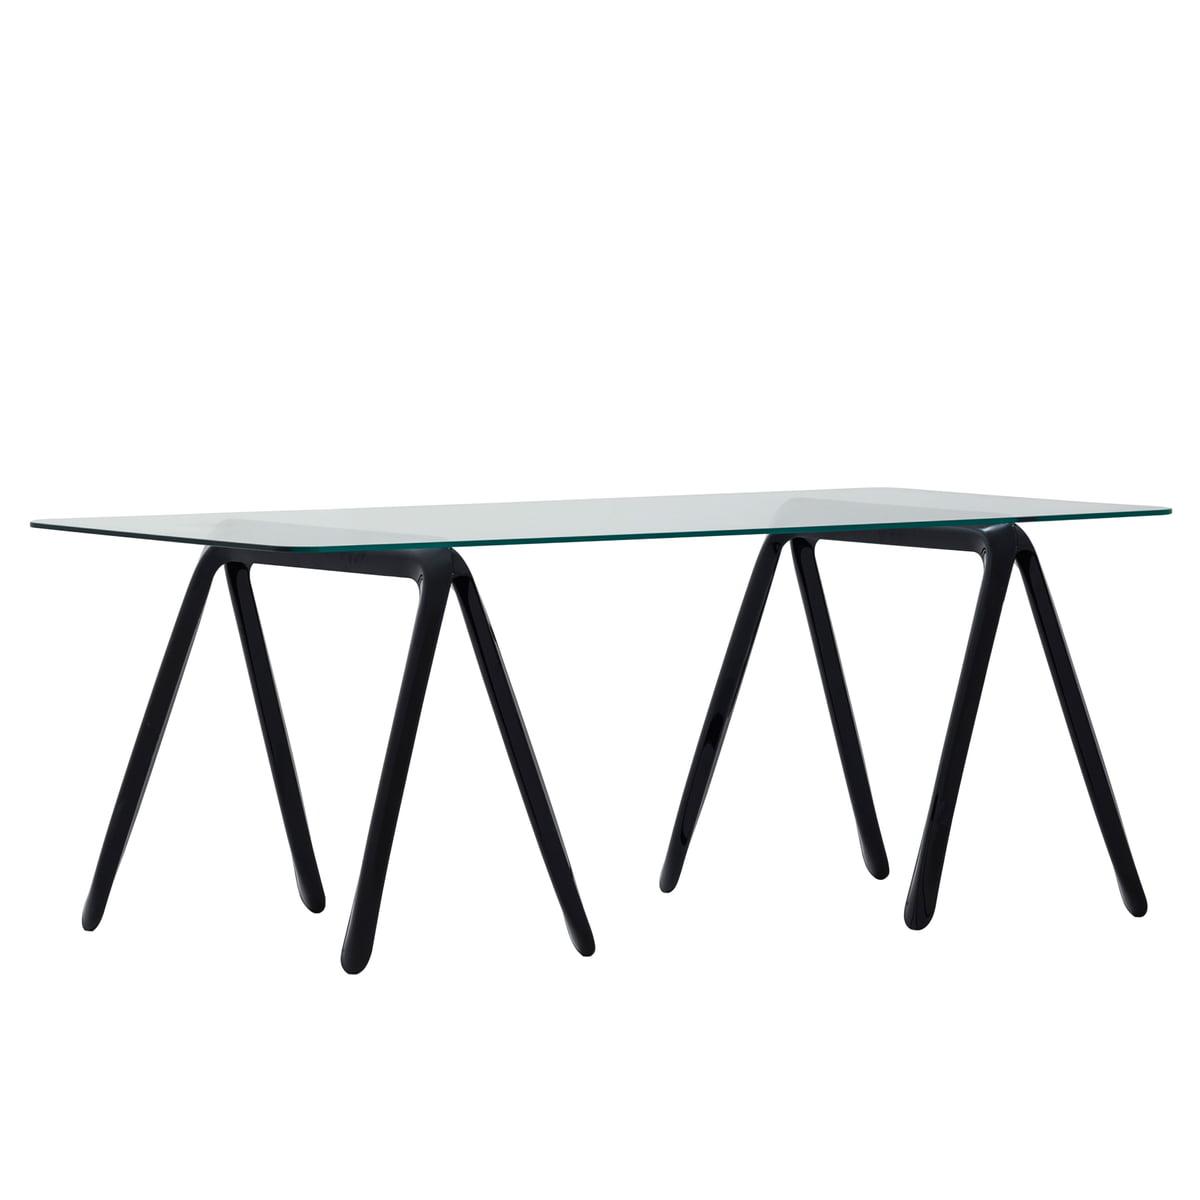 Tischb Cke Aus Stahl Von Zieta Jetzt Im Shop